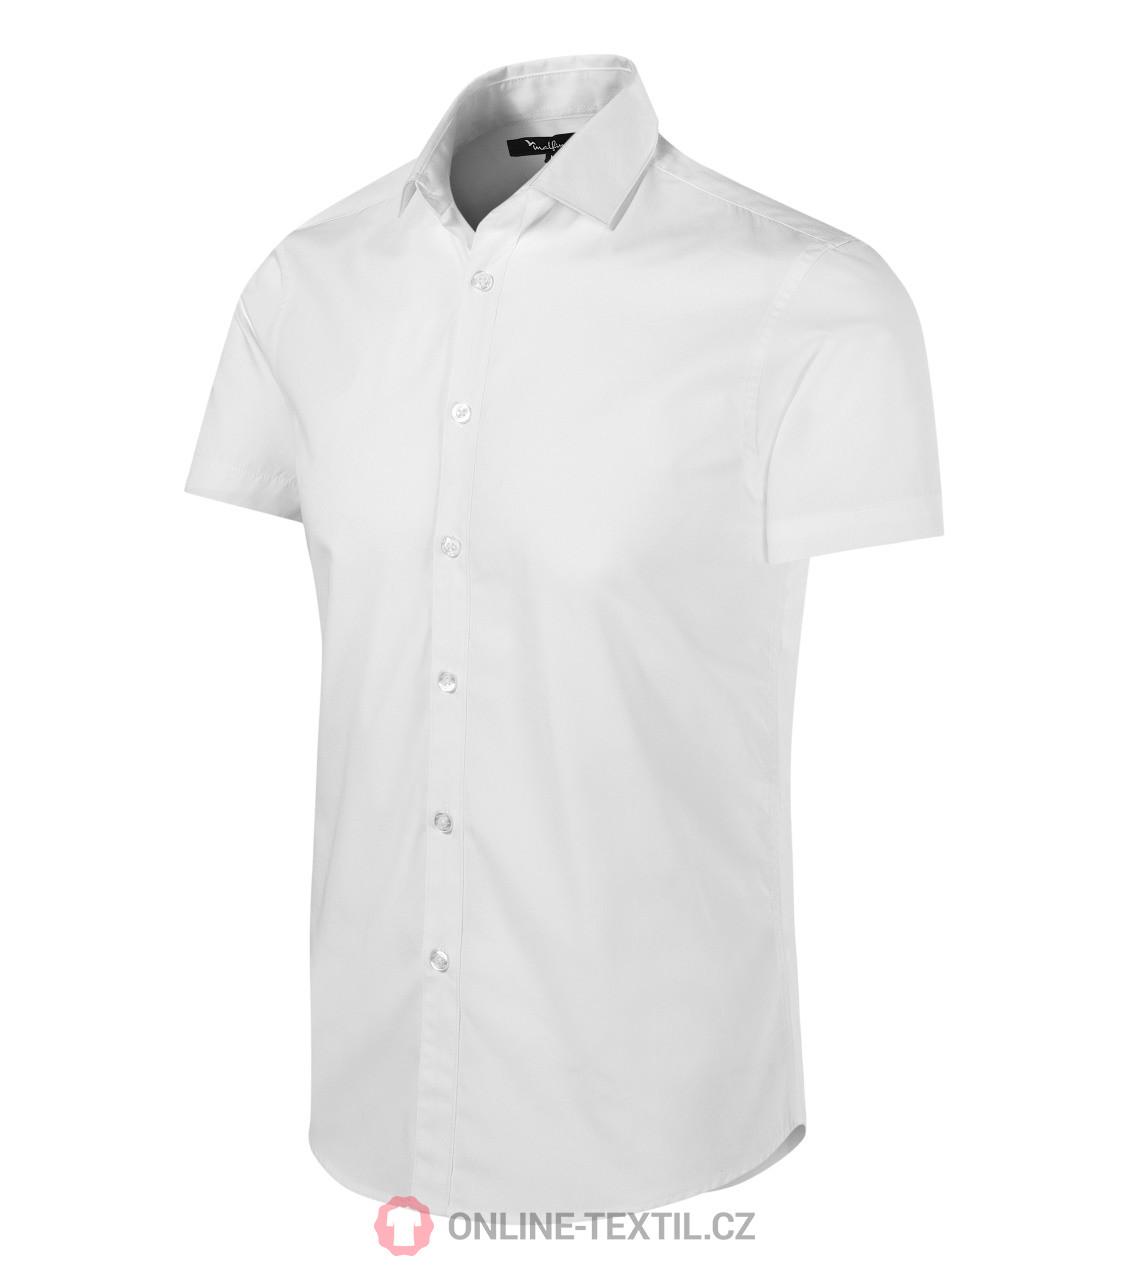 ADLER CZECH Pánská košile Malfini Premium Flash 260 - bílá z kolekce ... 217bf334d0